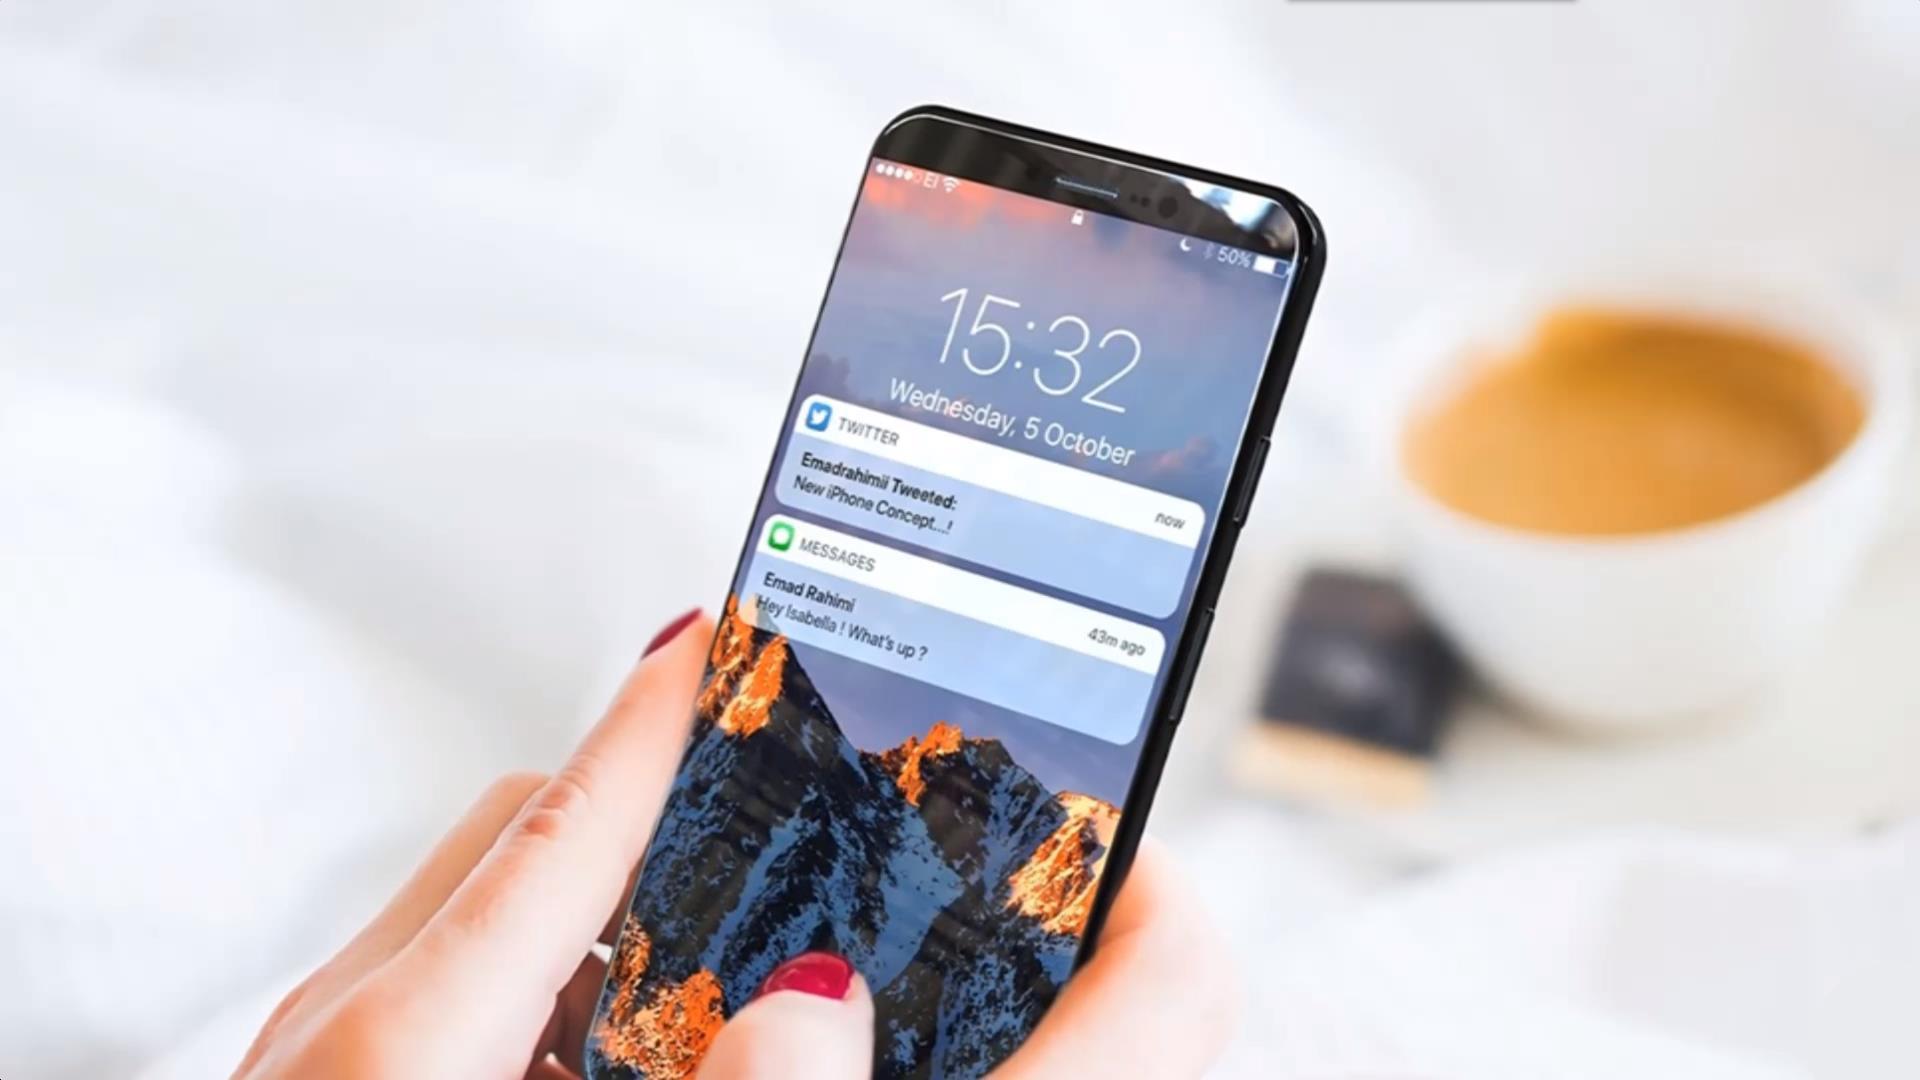 iphone8:配备全方位升級 全面屏手机 双摄像头